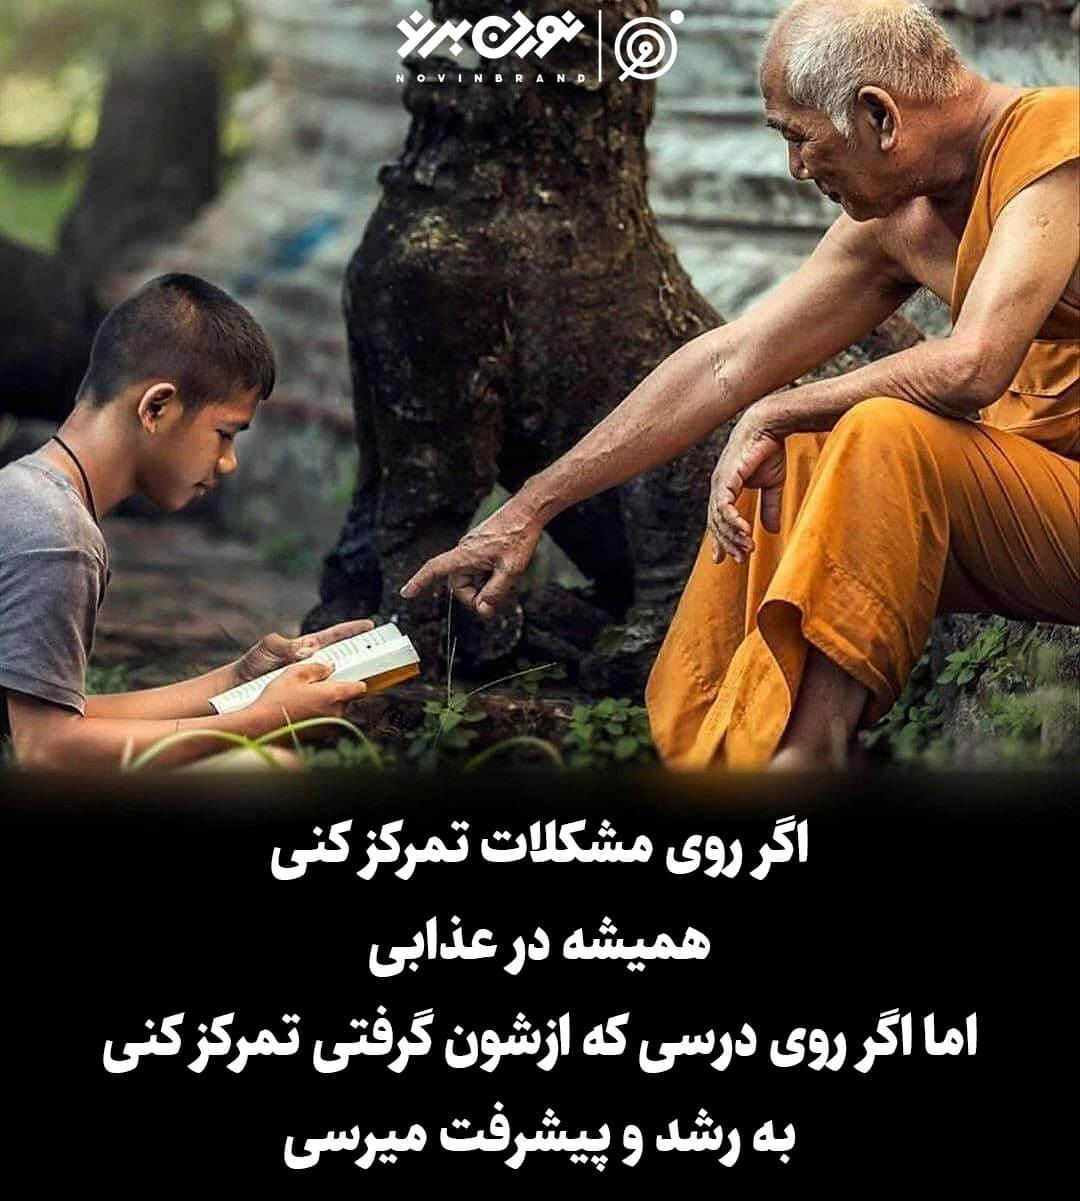 از مشکلاتت درس بگیر